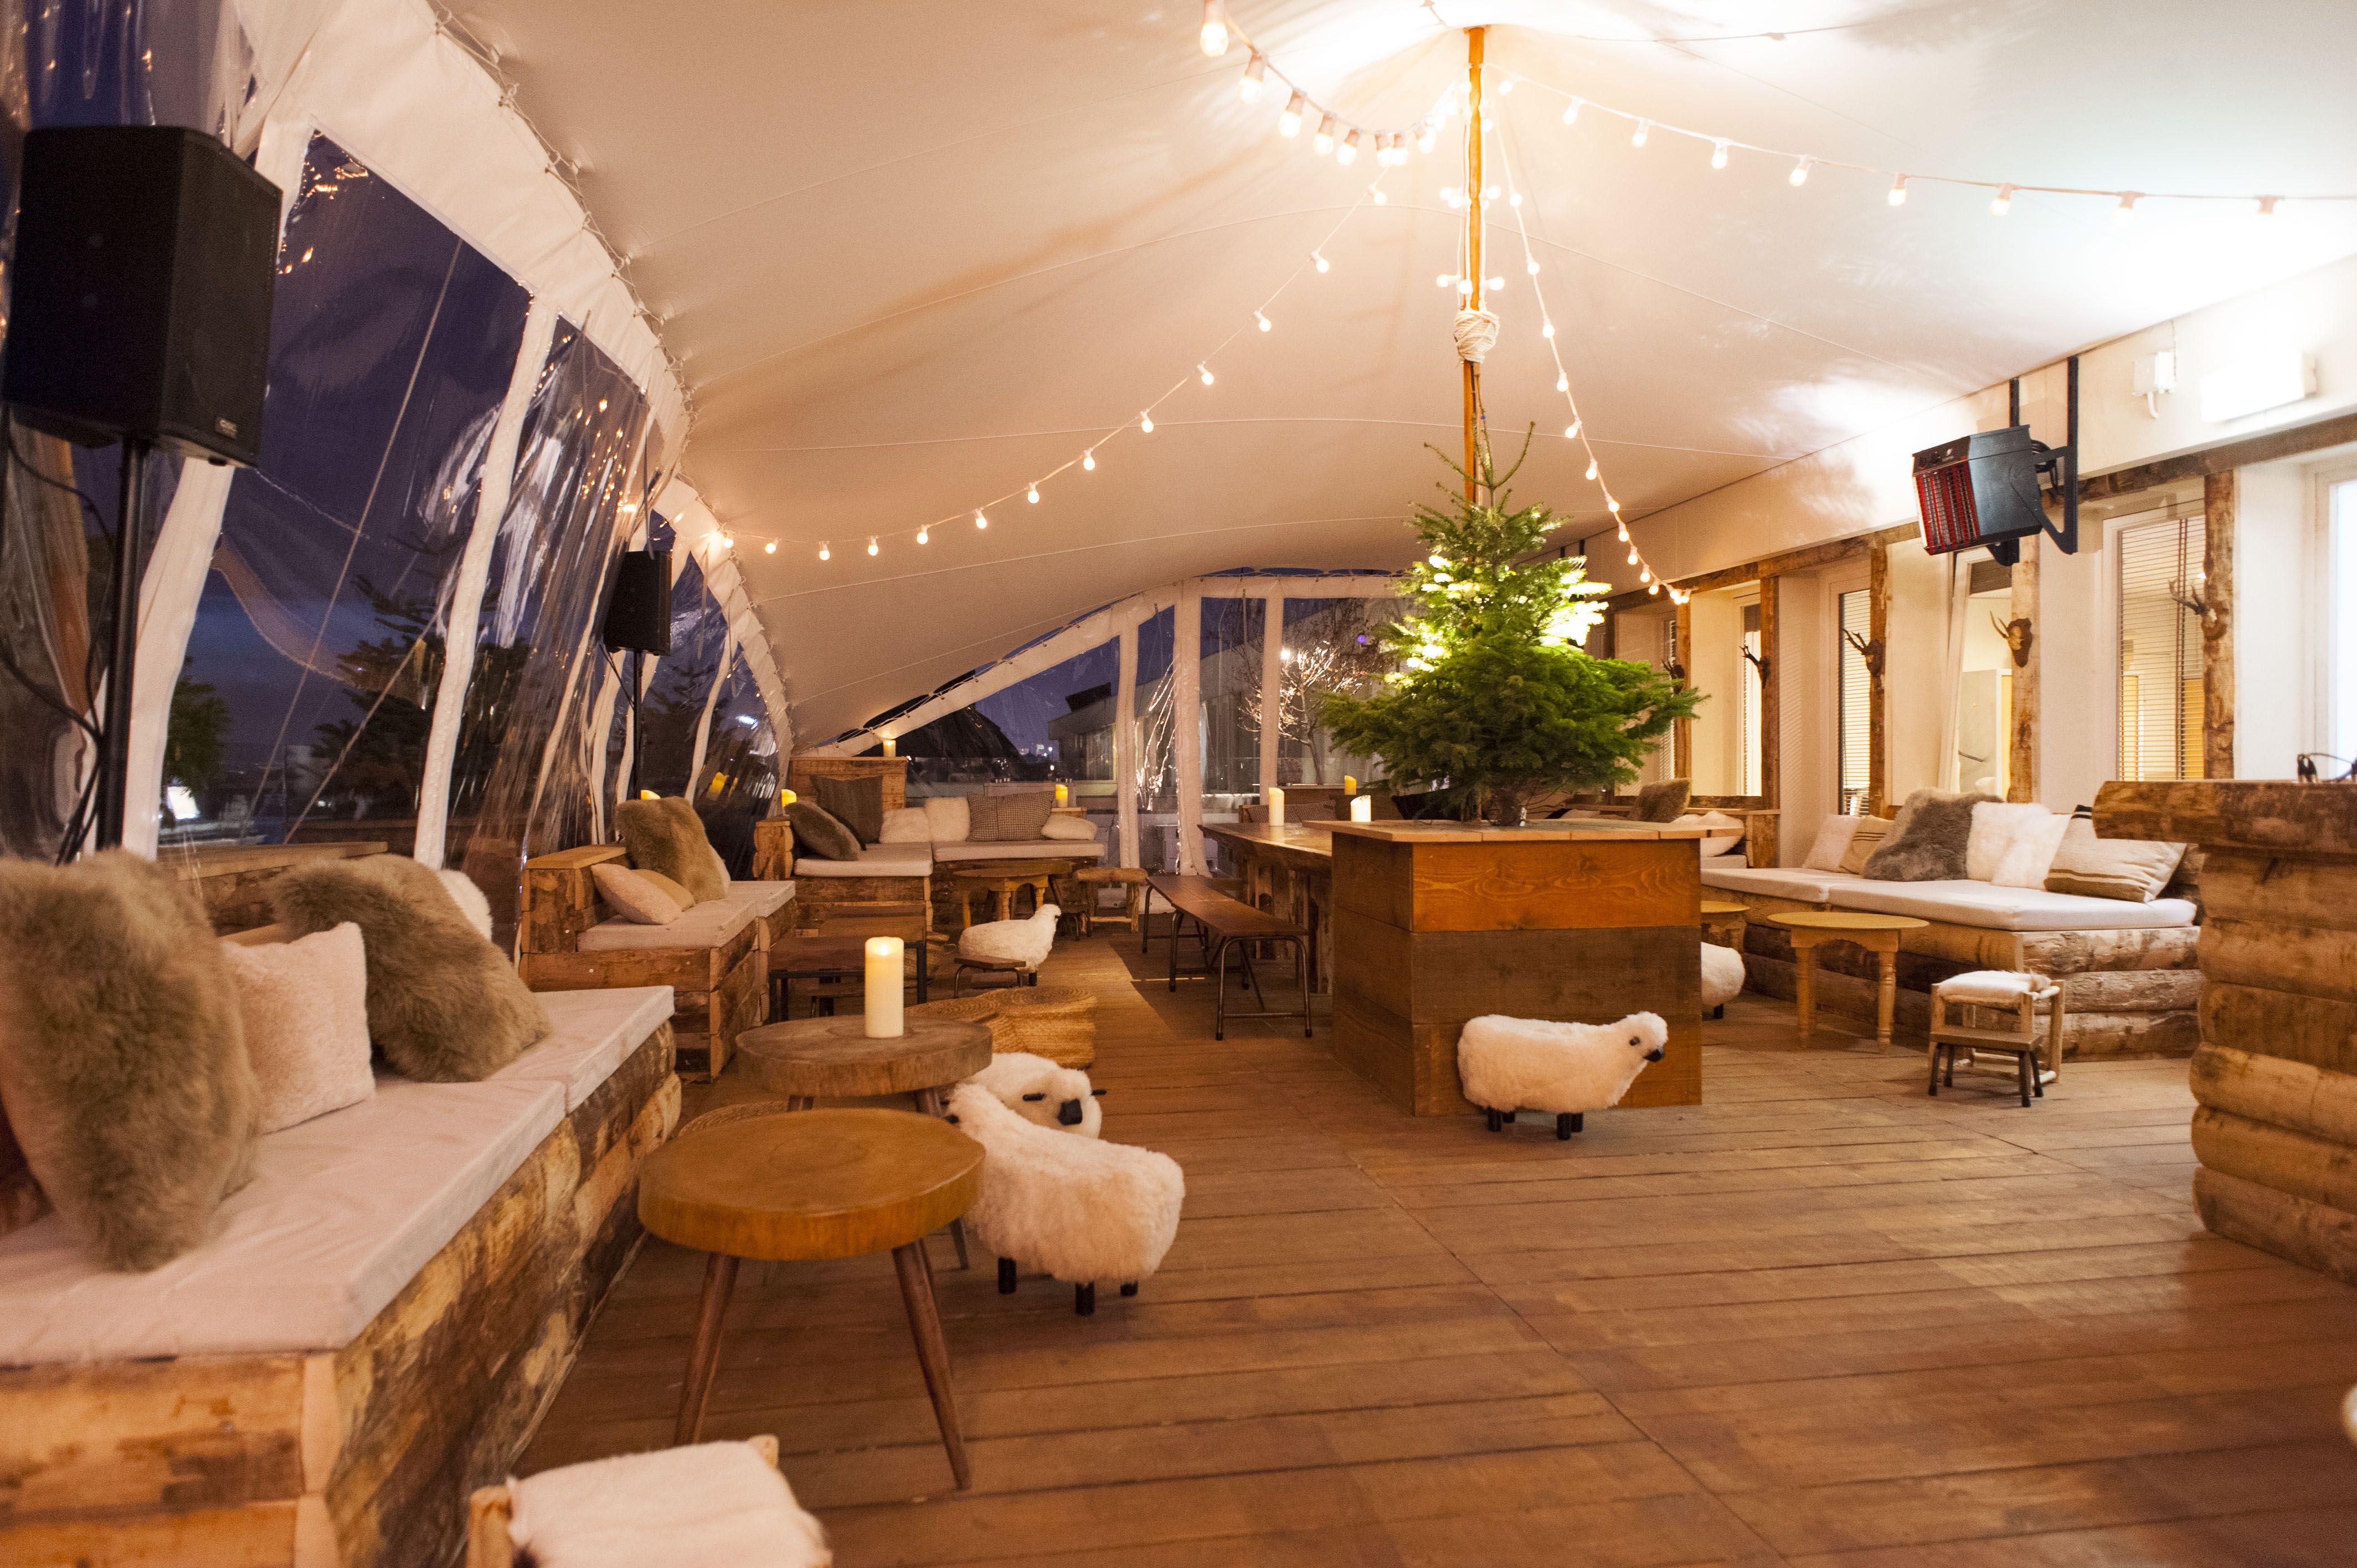 le perchoir marais x le danemark peniche pinterest le perchoir lieux visiter et bar. Black Bedroom Furniture Sets. Home Design Ideas